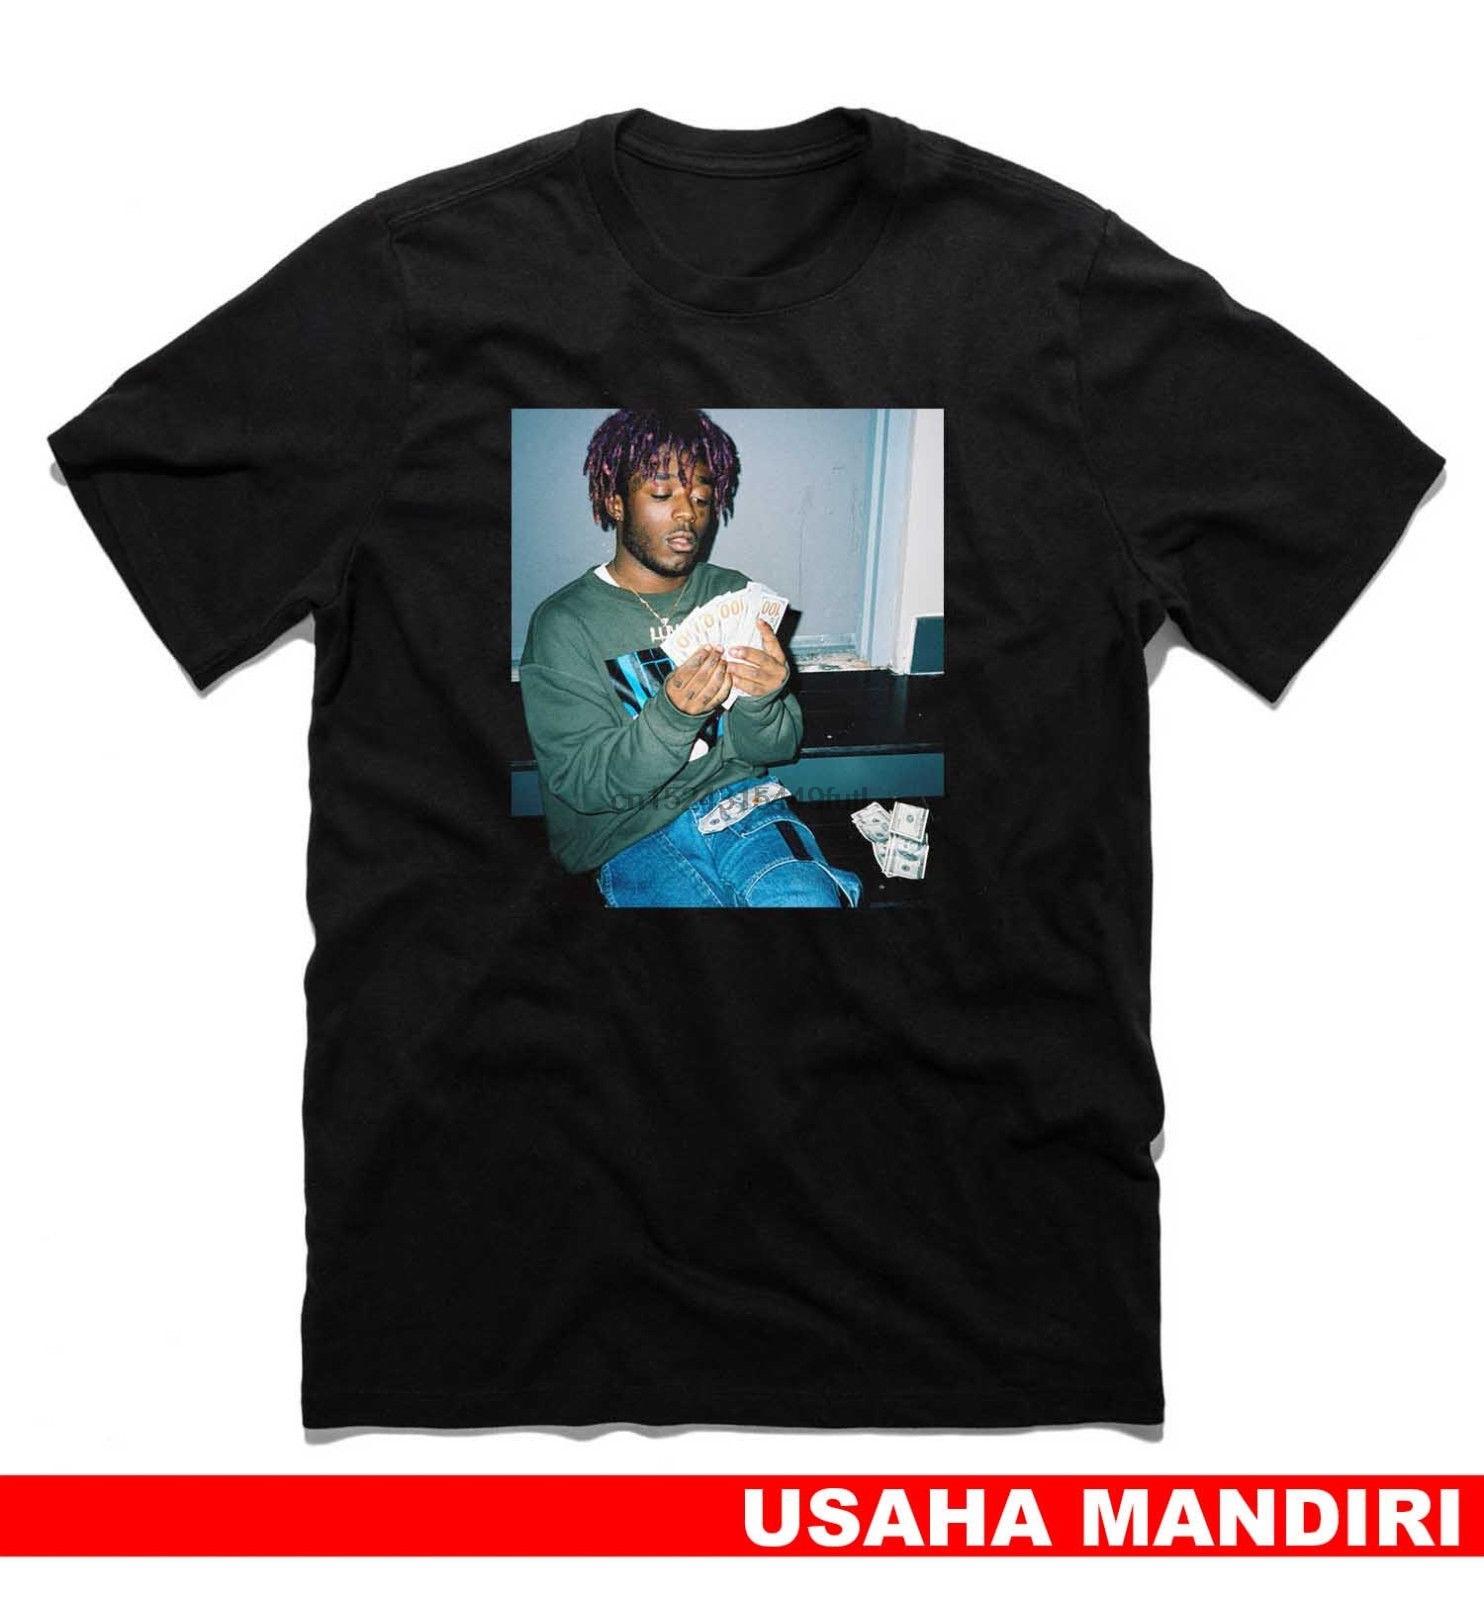 Lil Uzi Vert Tshirt Lil Uzi Vert Merch Lil Uzi Vert XO Tour Llif3